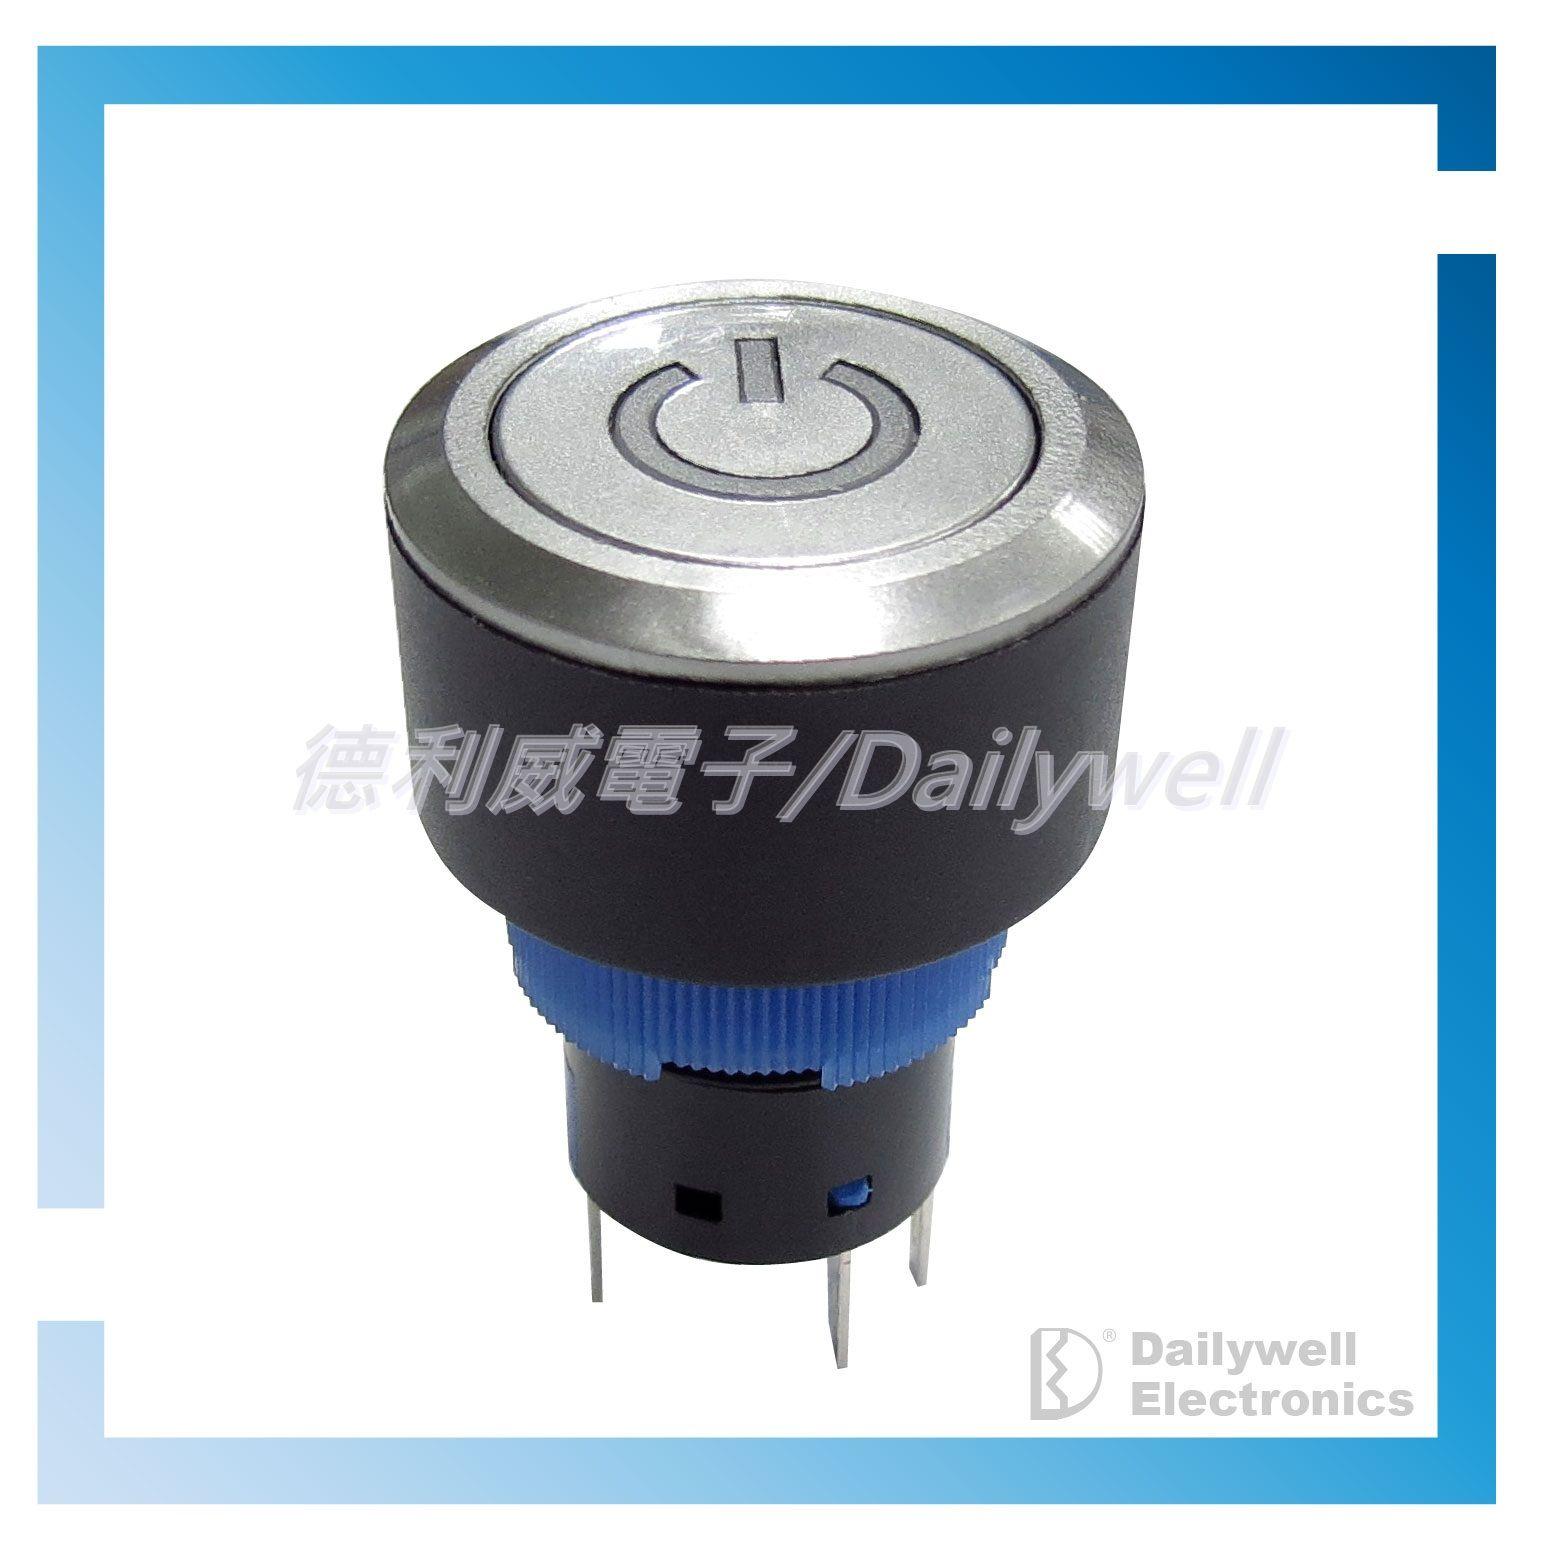 22mm Illuminated Pushbutton Switches